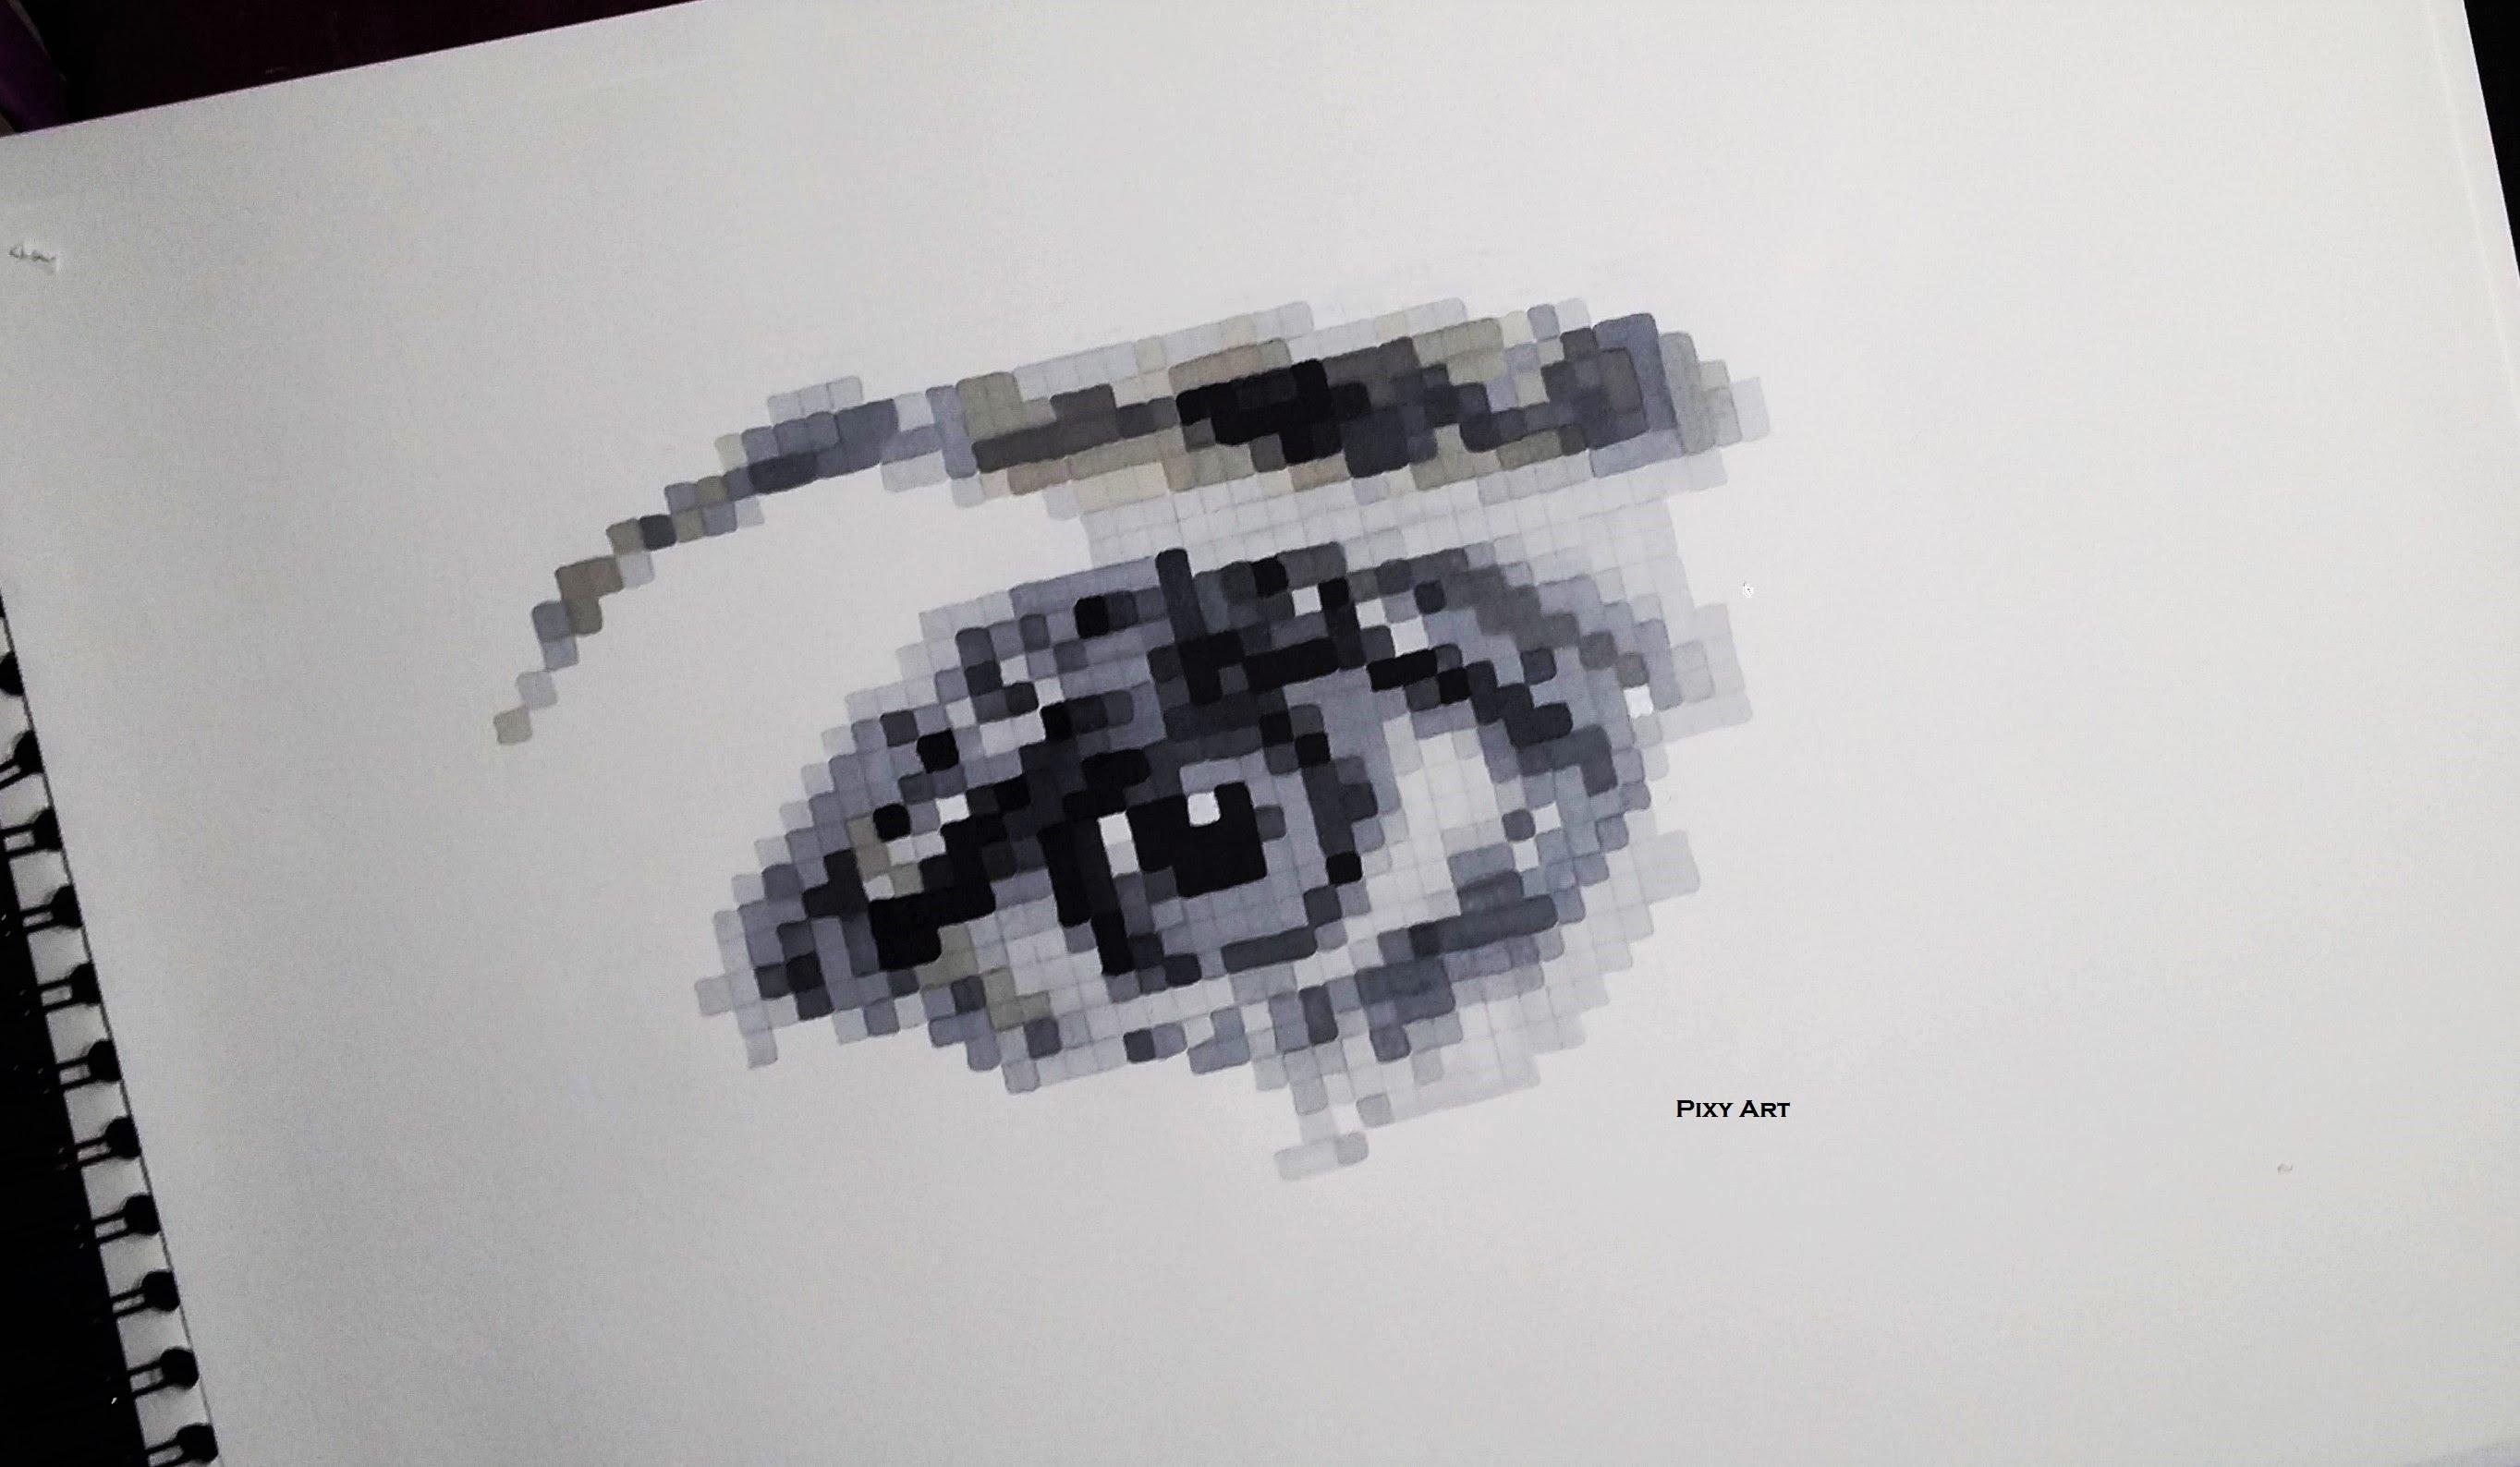 Drawn pixel art pixel eye Pixel Pixel Art) YouTube Drawing